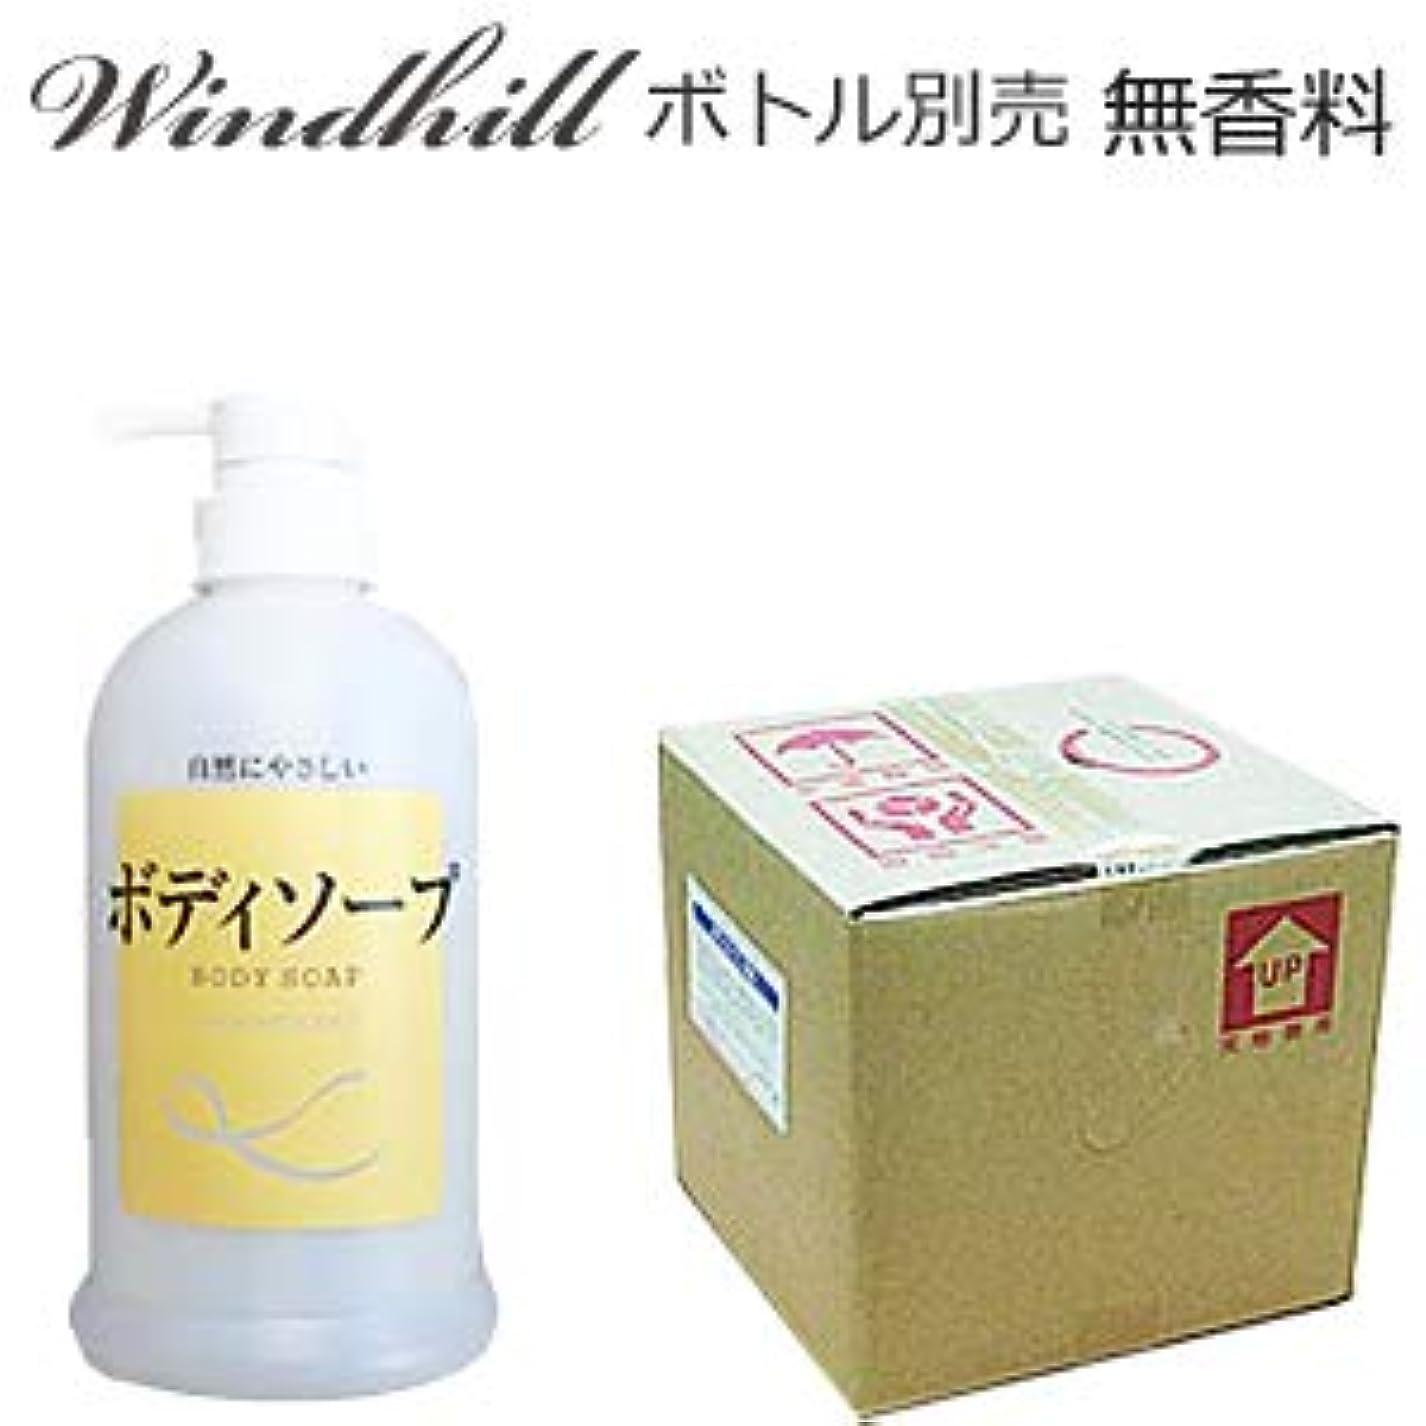 光電便利さ申し込むWindhill 植物性 業務用ボディソープ 無香料 20L(1セット20L入)